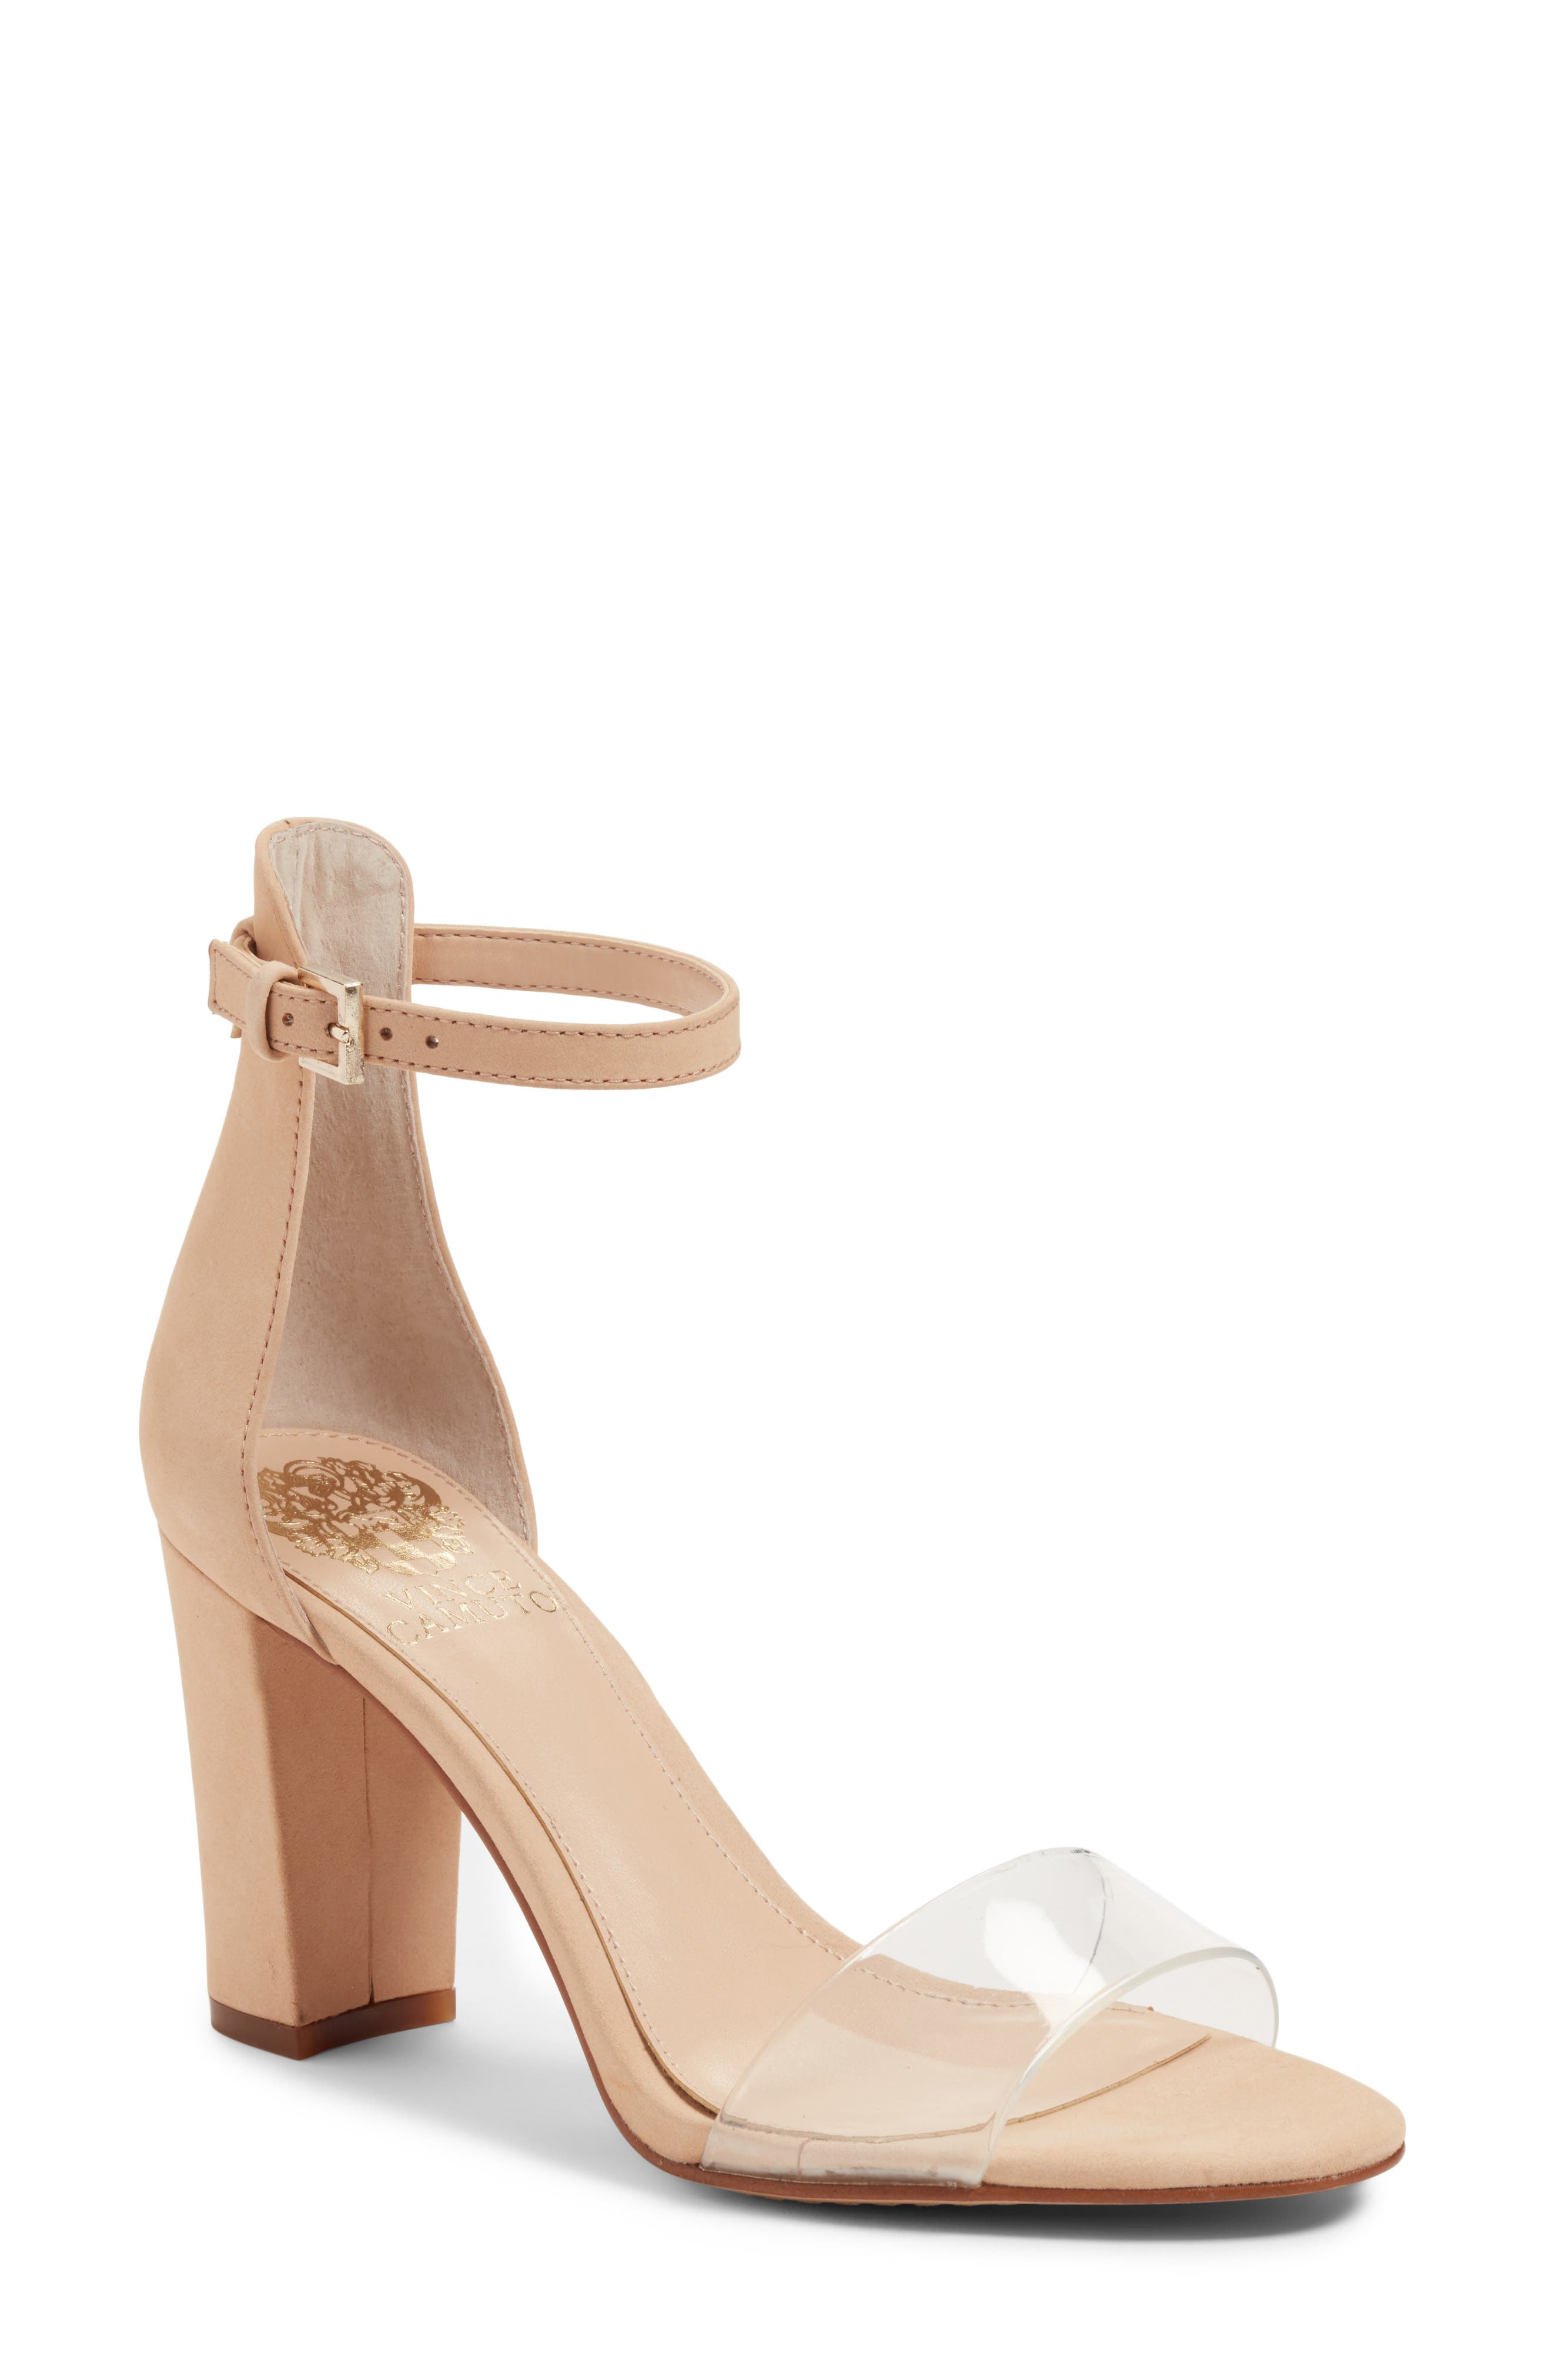 Bone color dress sandals